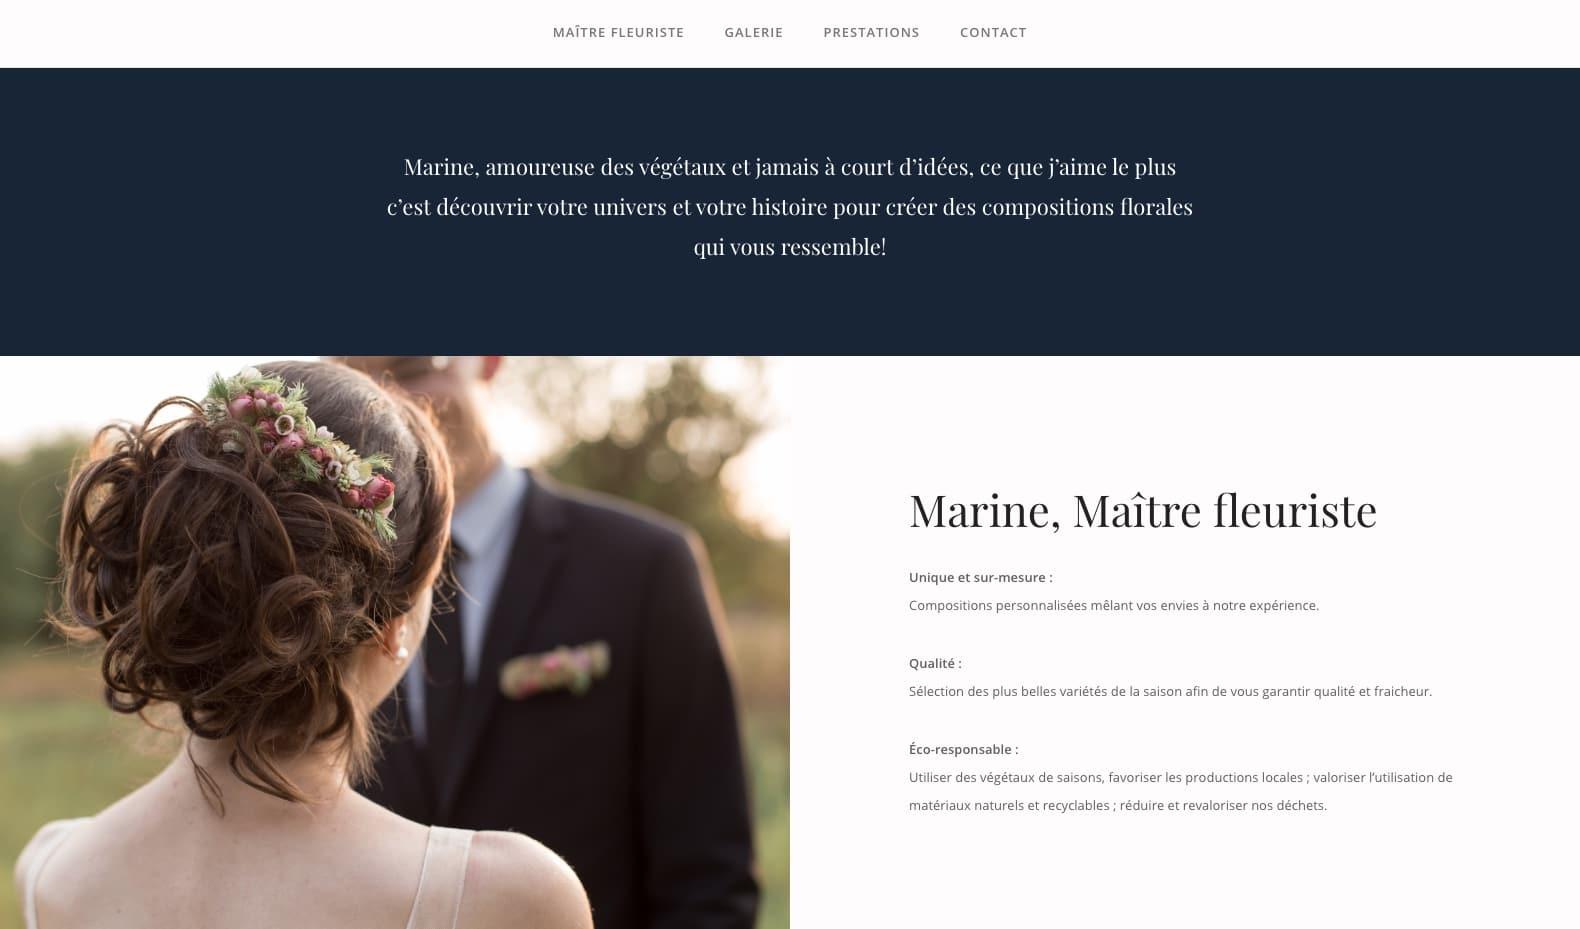 Marine Gross, maître fleuriste, cliente de l'agence web Karedess à Mulhouse